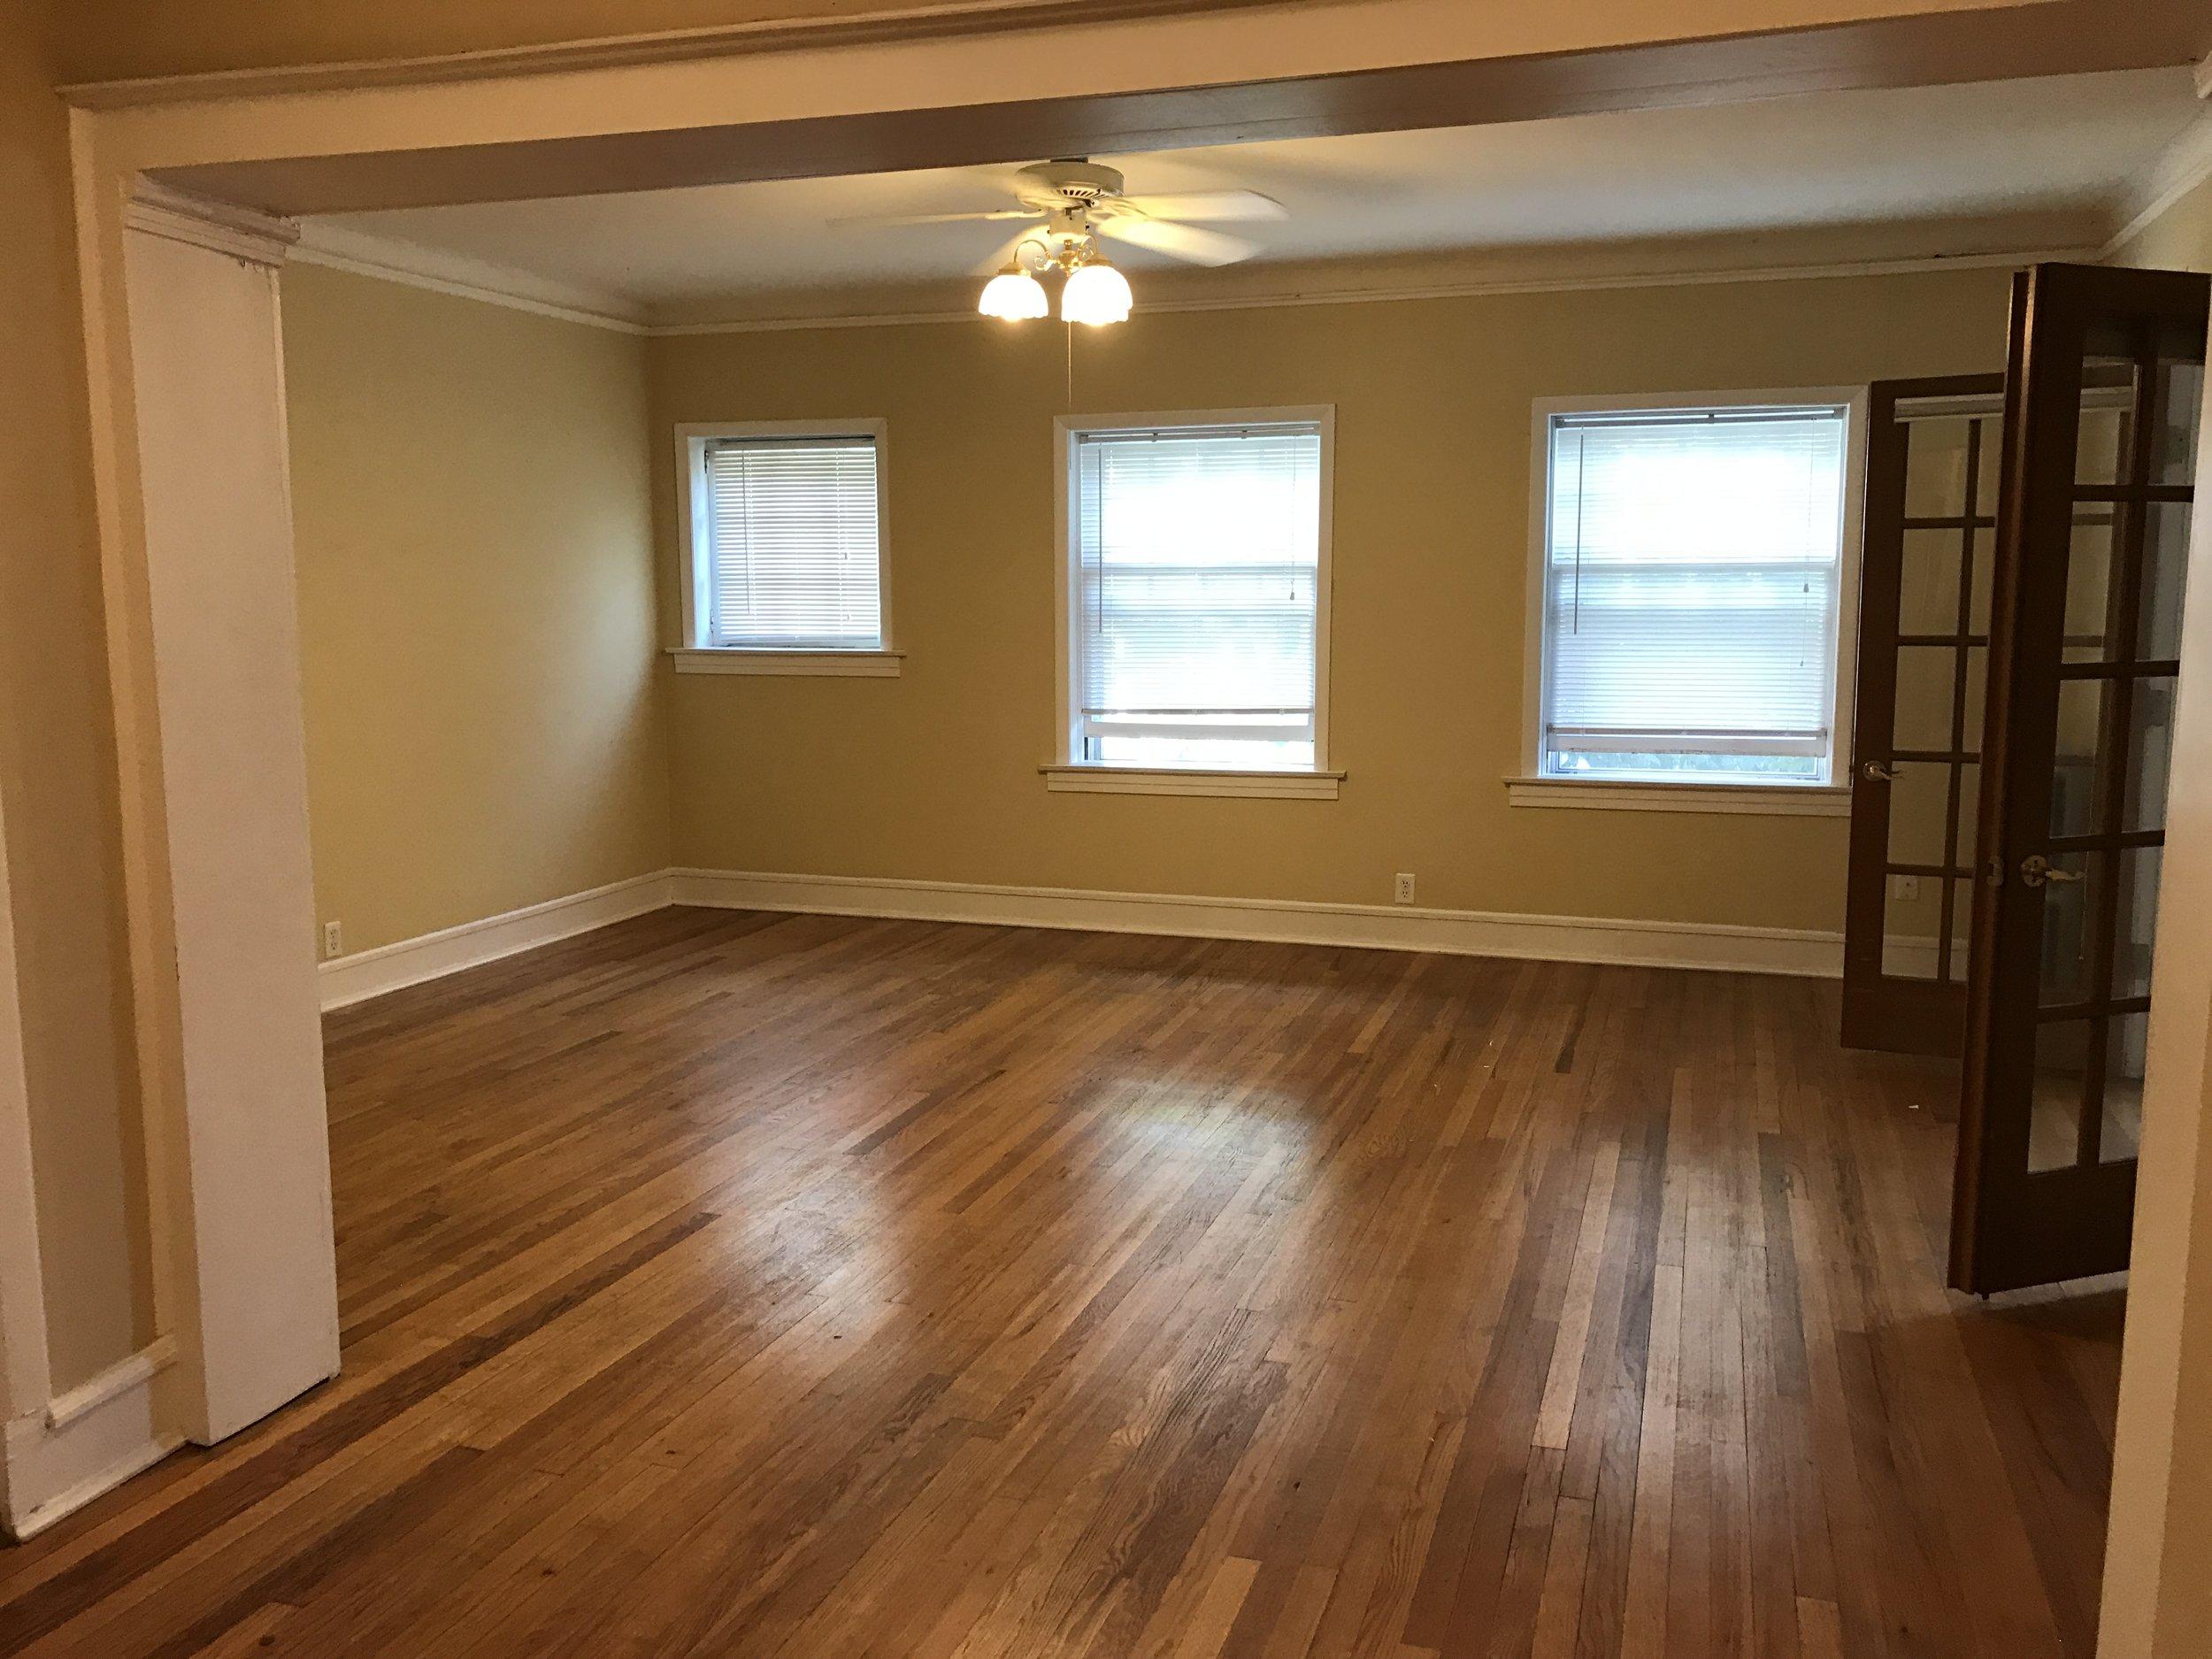 2314 C living room 2.jpg